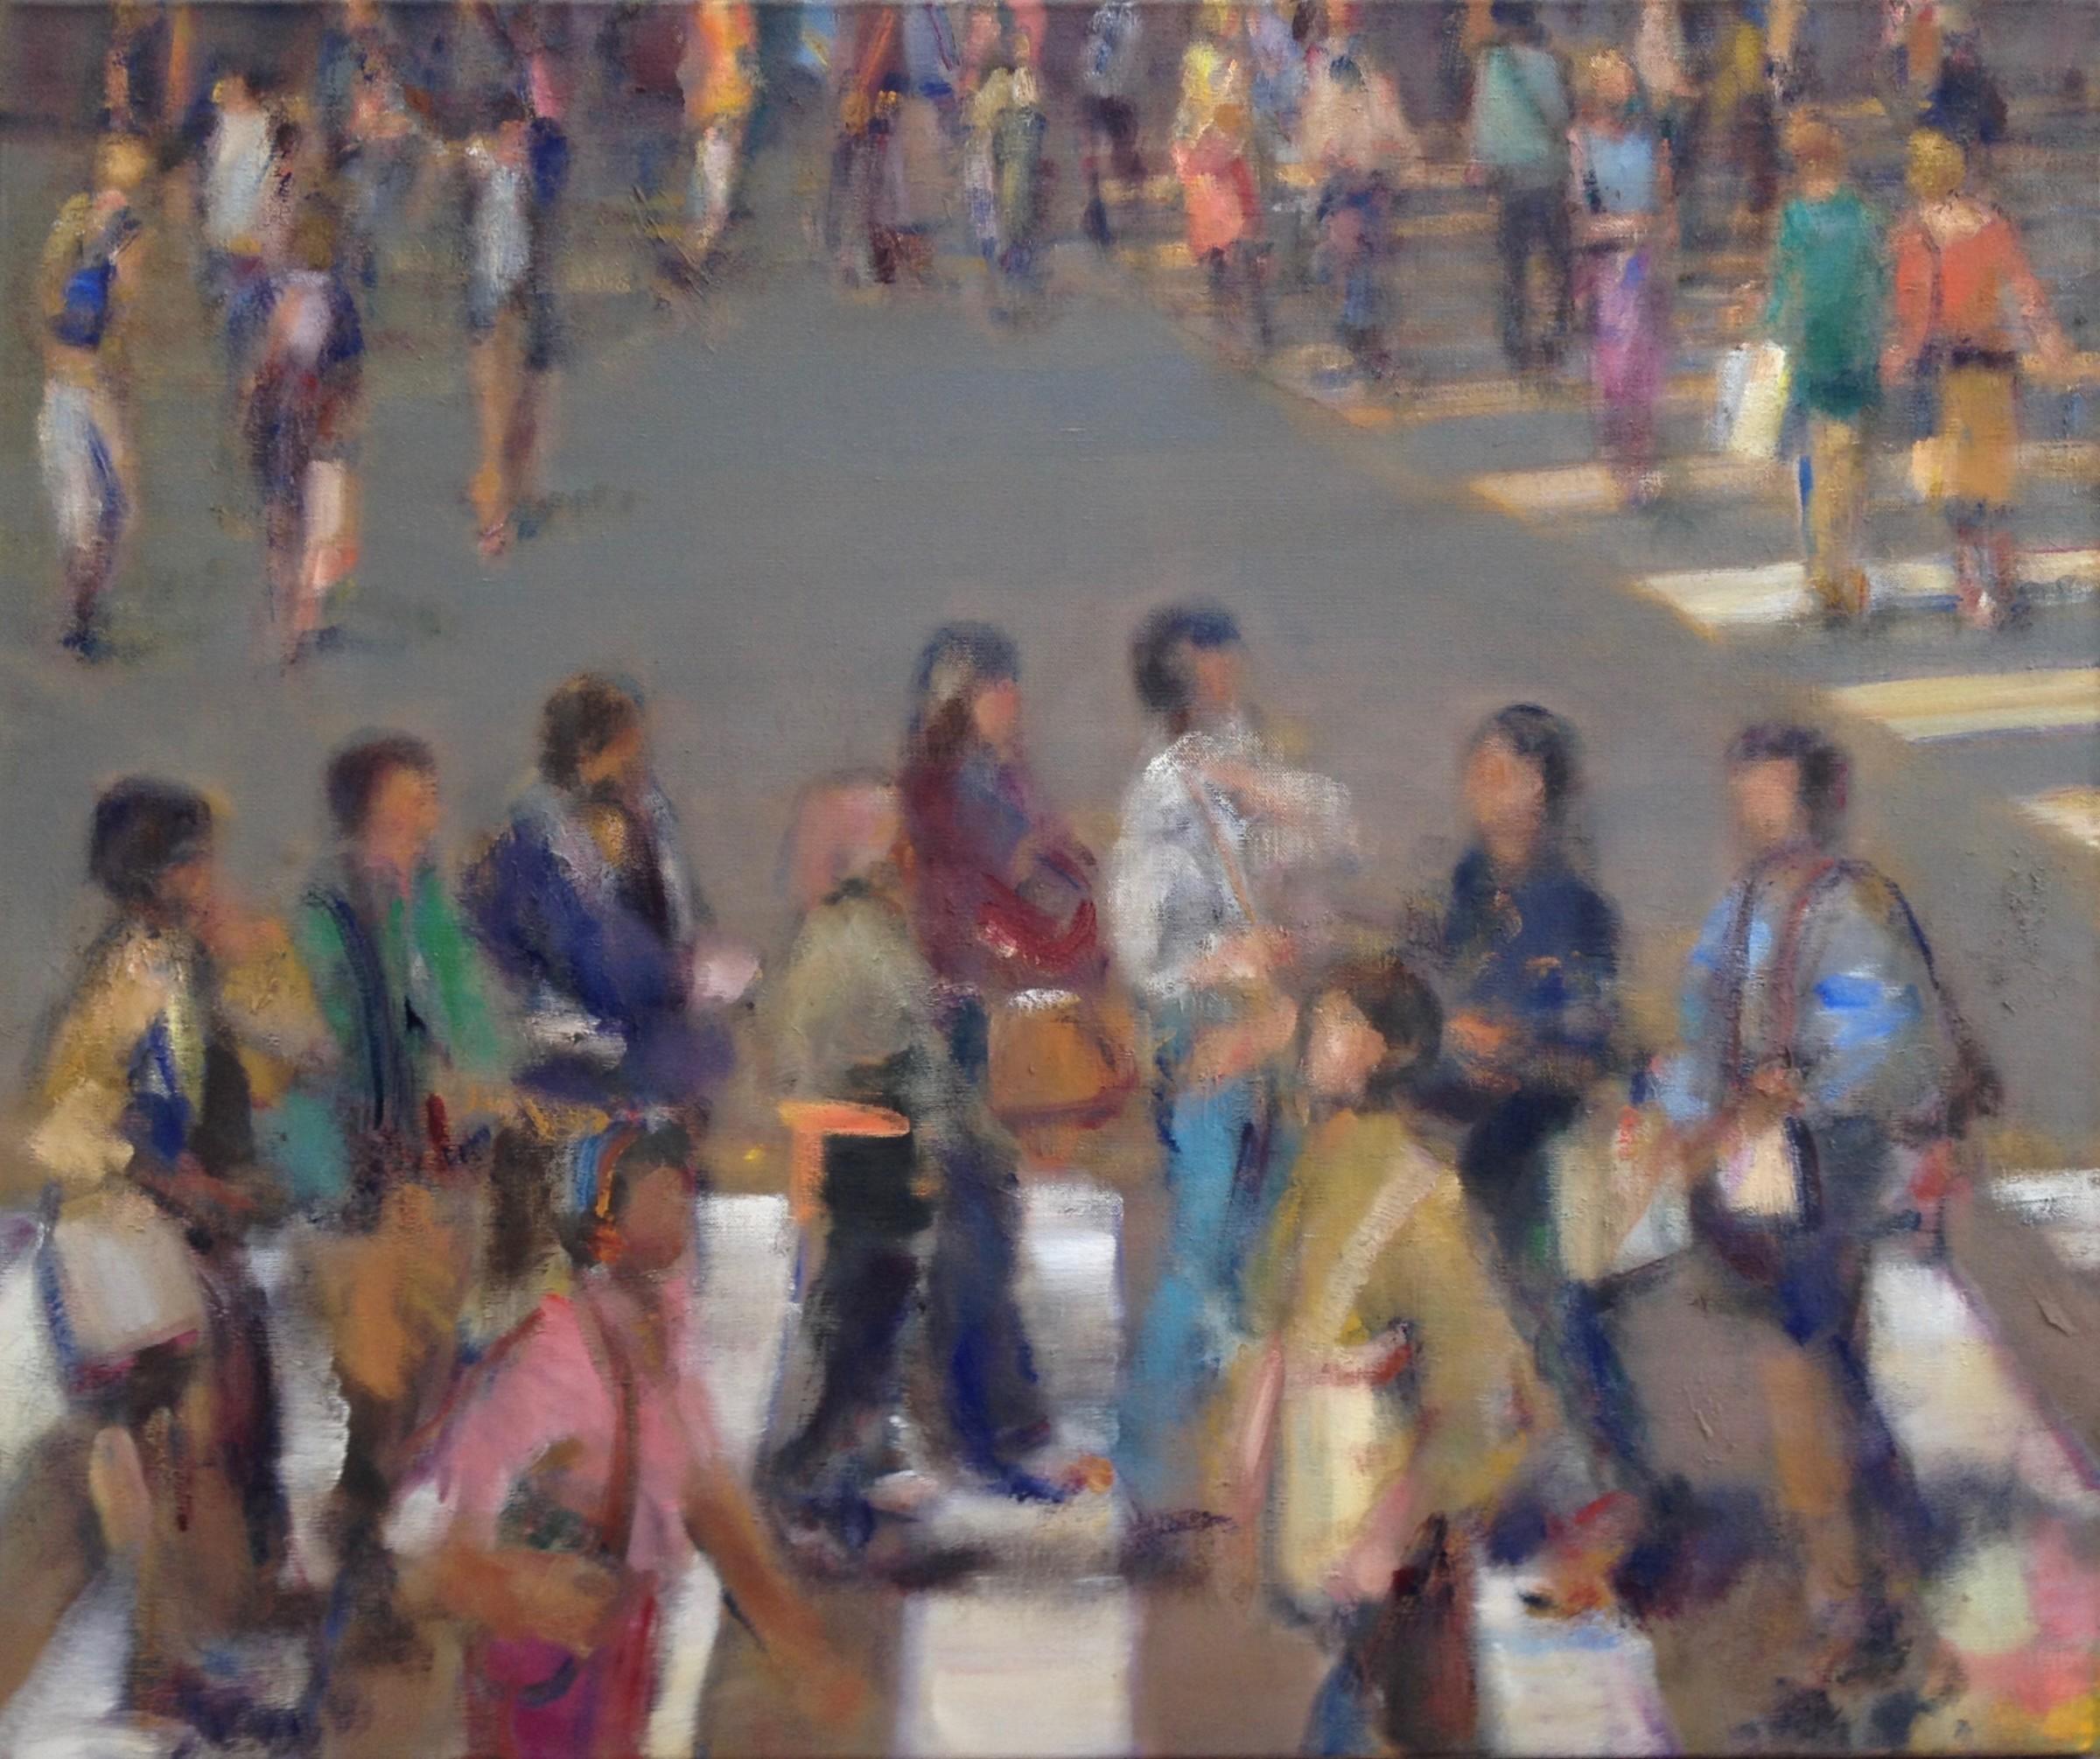 """<span class=""""link fancybox-details-link""""><a href=""""/artists/59-simon-nicholas/works/507-simon-nicholas-crosswalk-iv/"""">View Detail Page</a></span><div class=""""artist""""><strong>Simon Nicholas</strong></div> <div class=""""title""""><em>Crosswalk IV</em></div> <div class=""""medium"""">Oil on Linen</div> <div class=""""dimensions"""">29.5 x 35.5 inches</div>"""